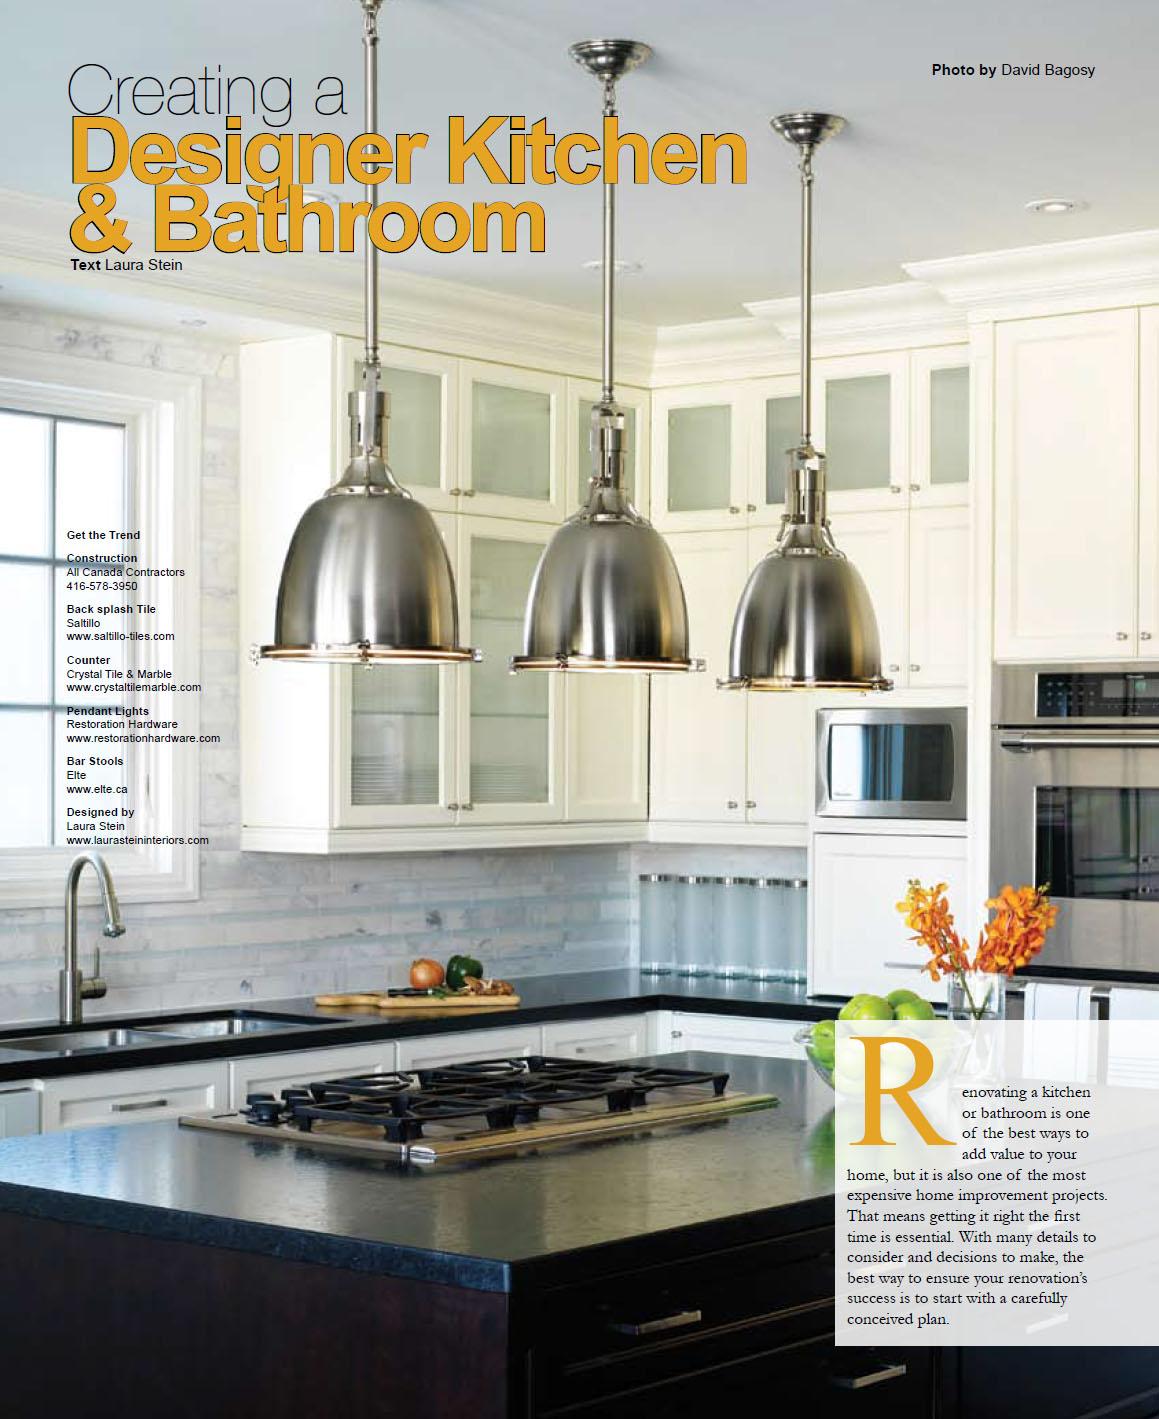 Canadian Home Trends, Laura Stein Interiors, kitchen design, bathroom design